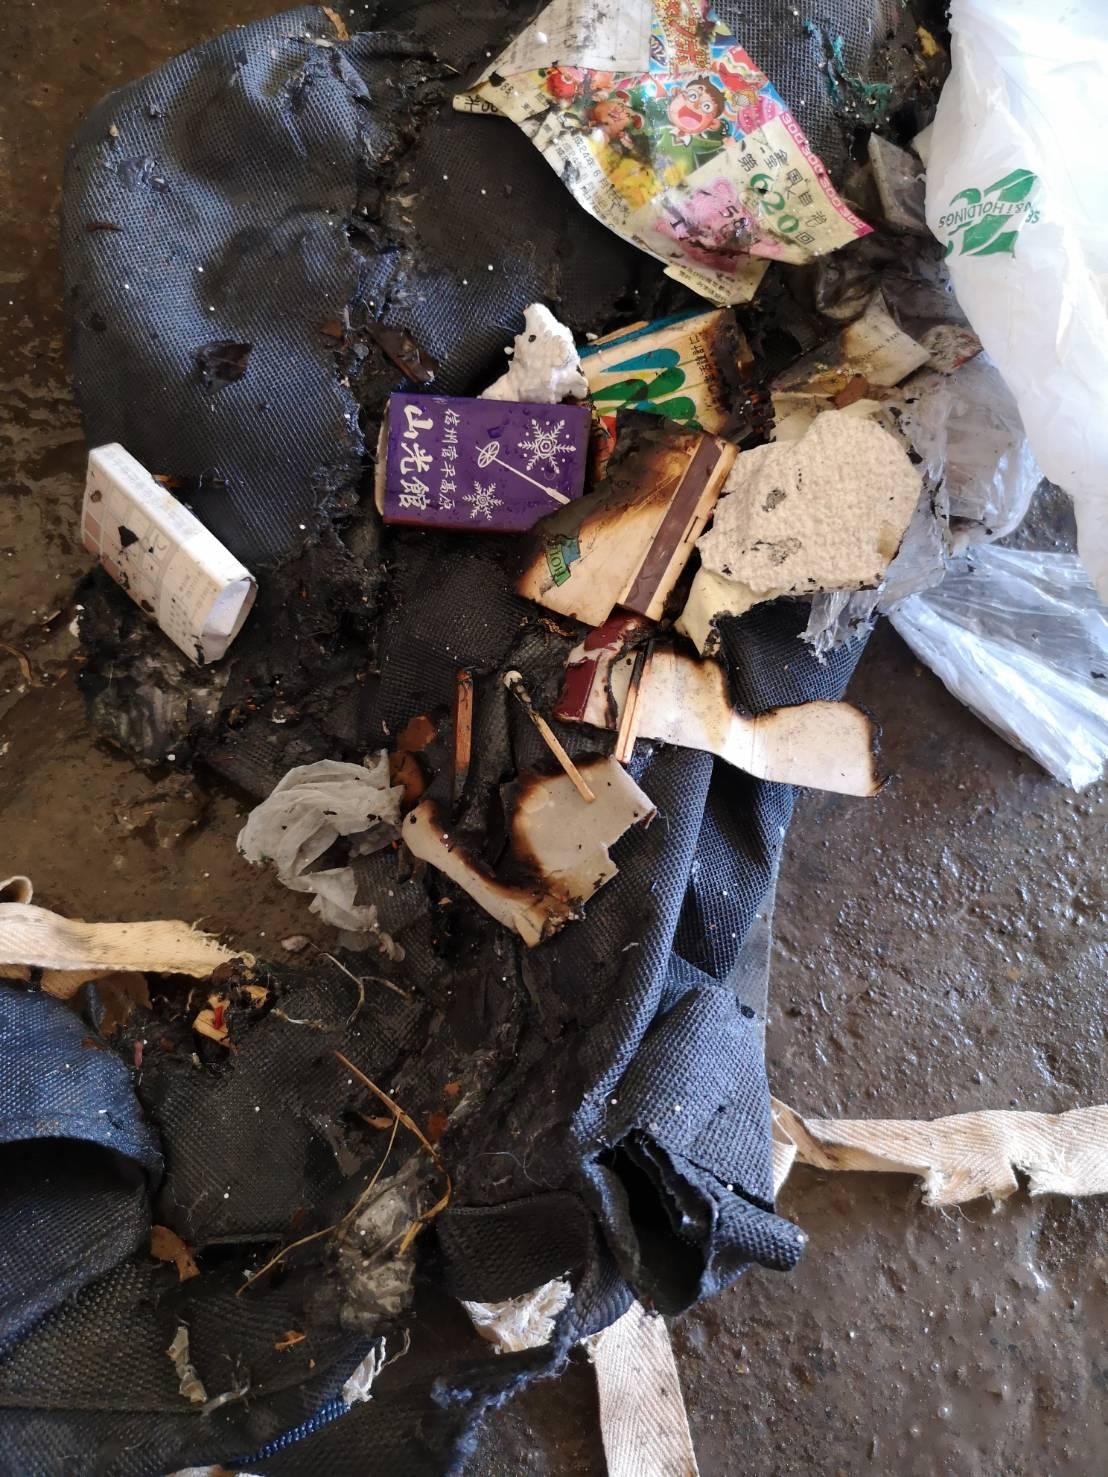 【産業廃棄物の処理】産業廃棄物の処理をした事例を紹介します。